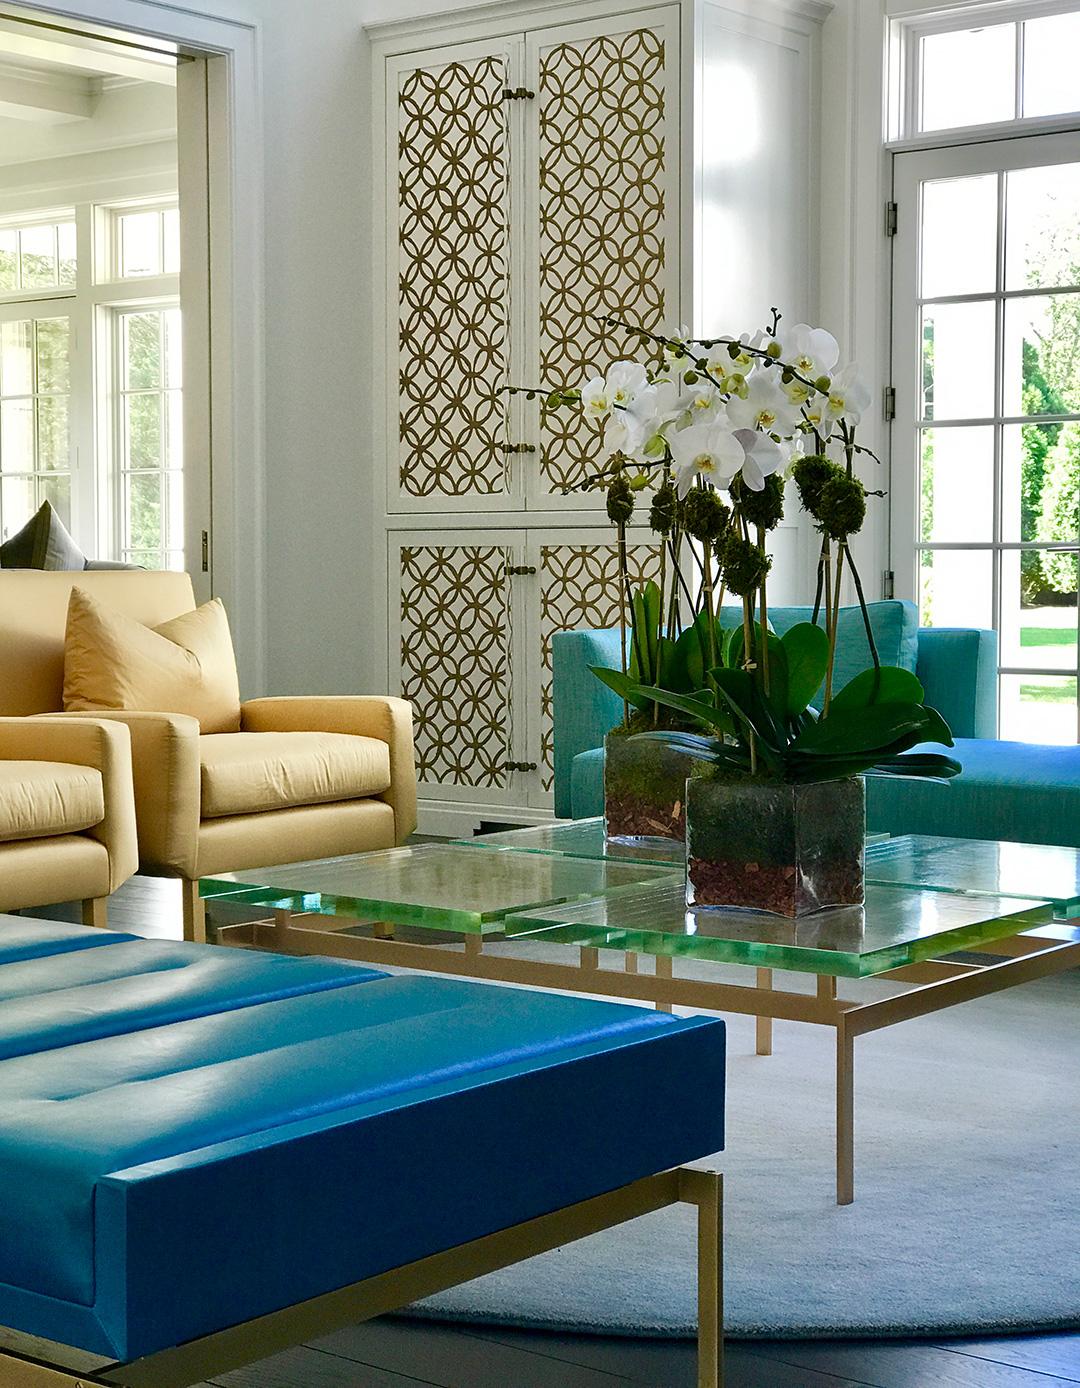 dt-living-room-02.jpg